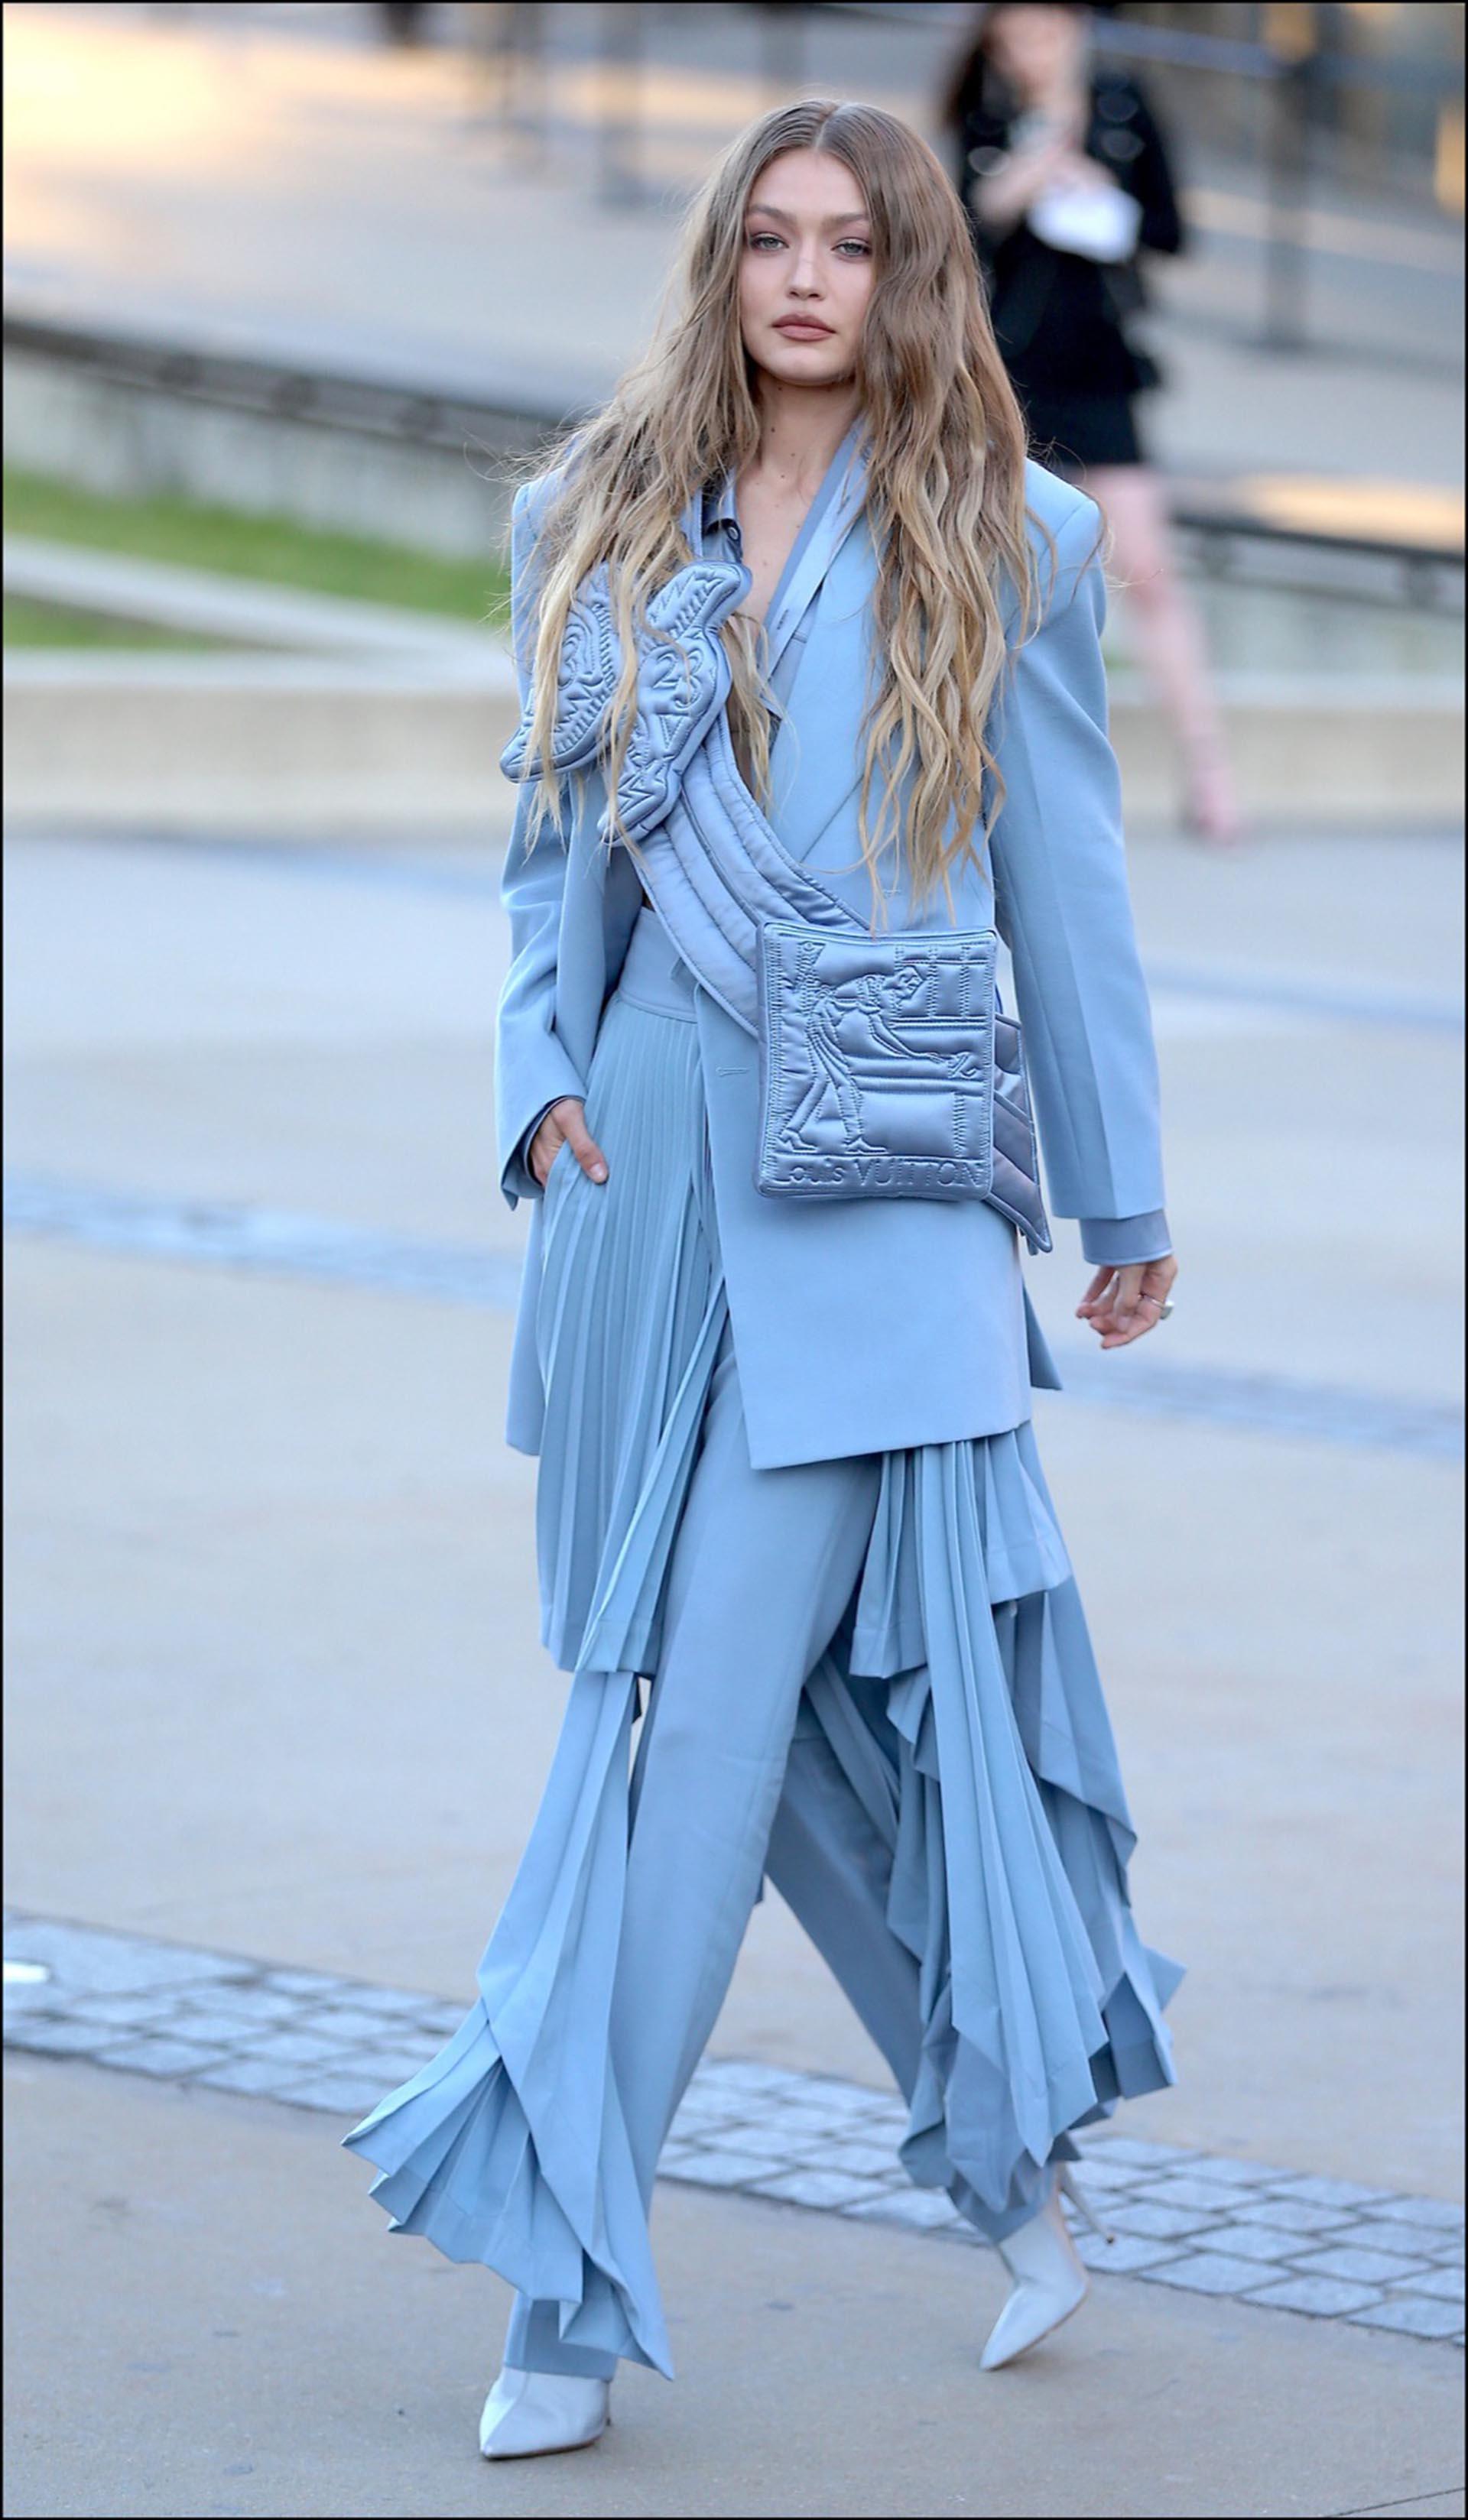 Gigi Hadidby Louis Vuitton.